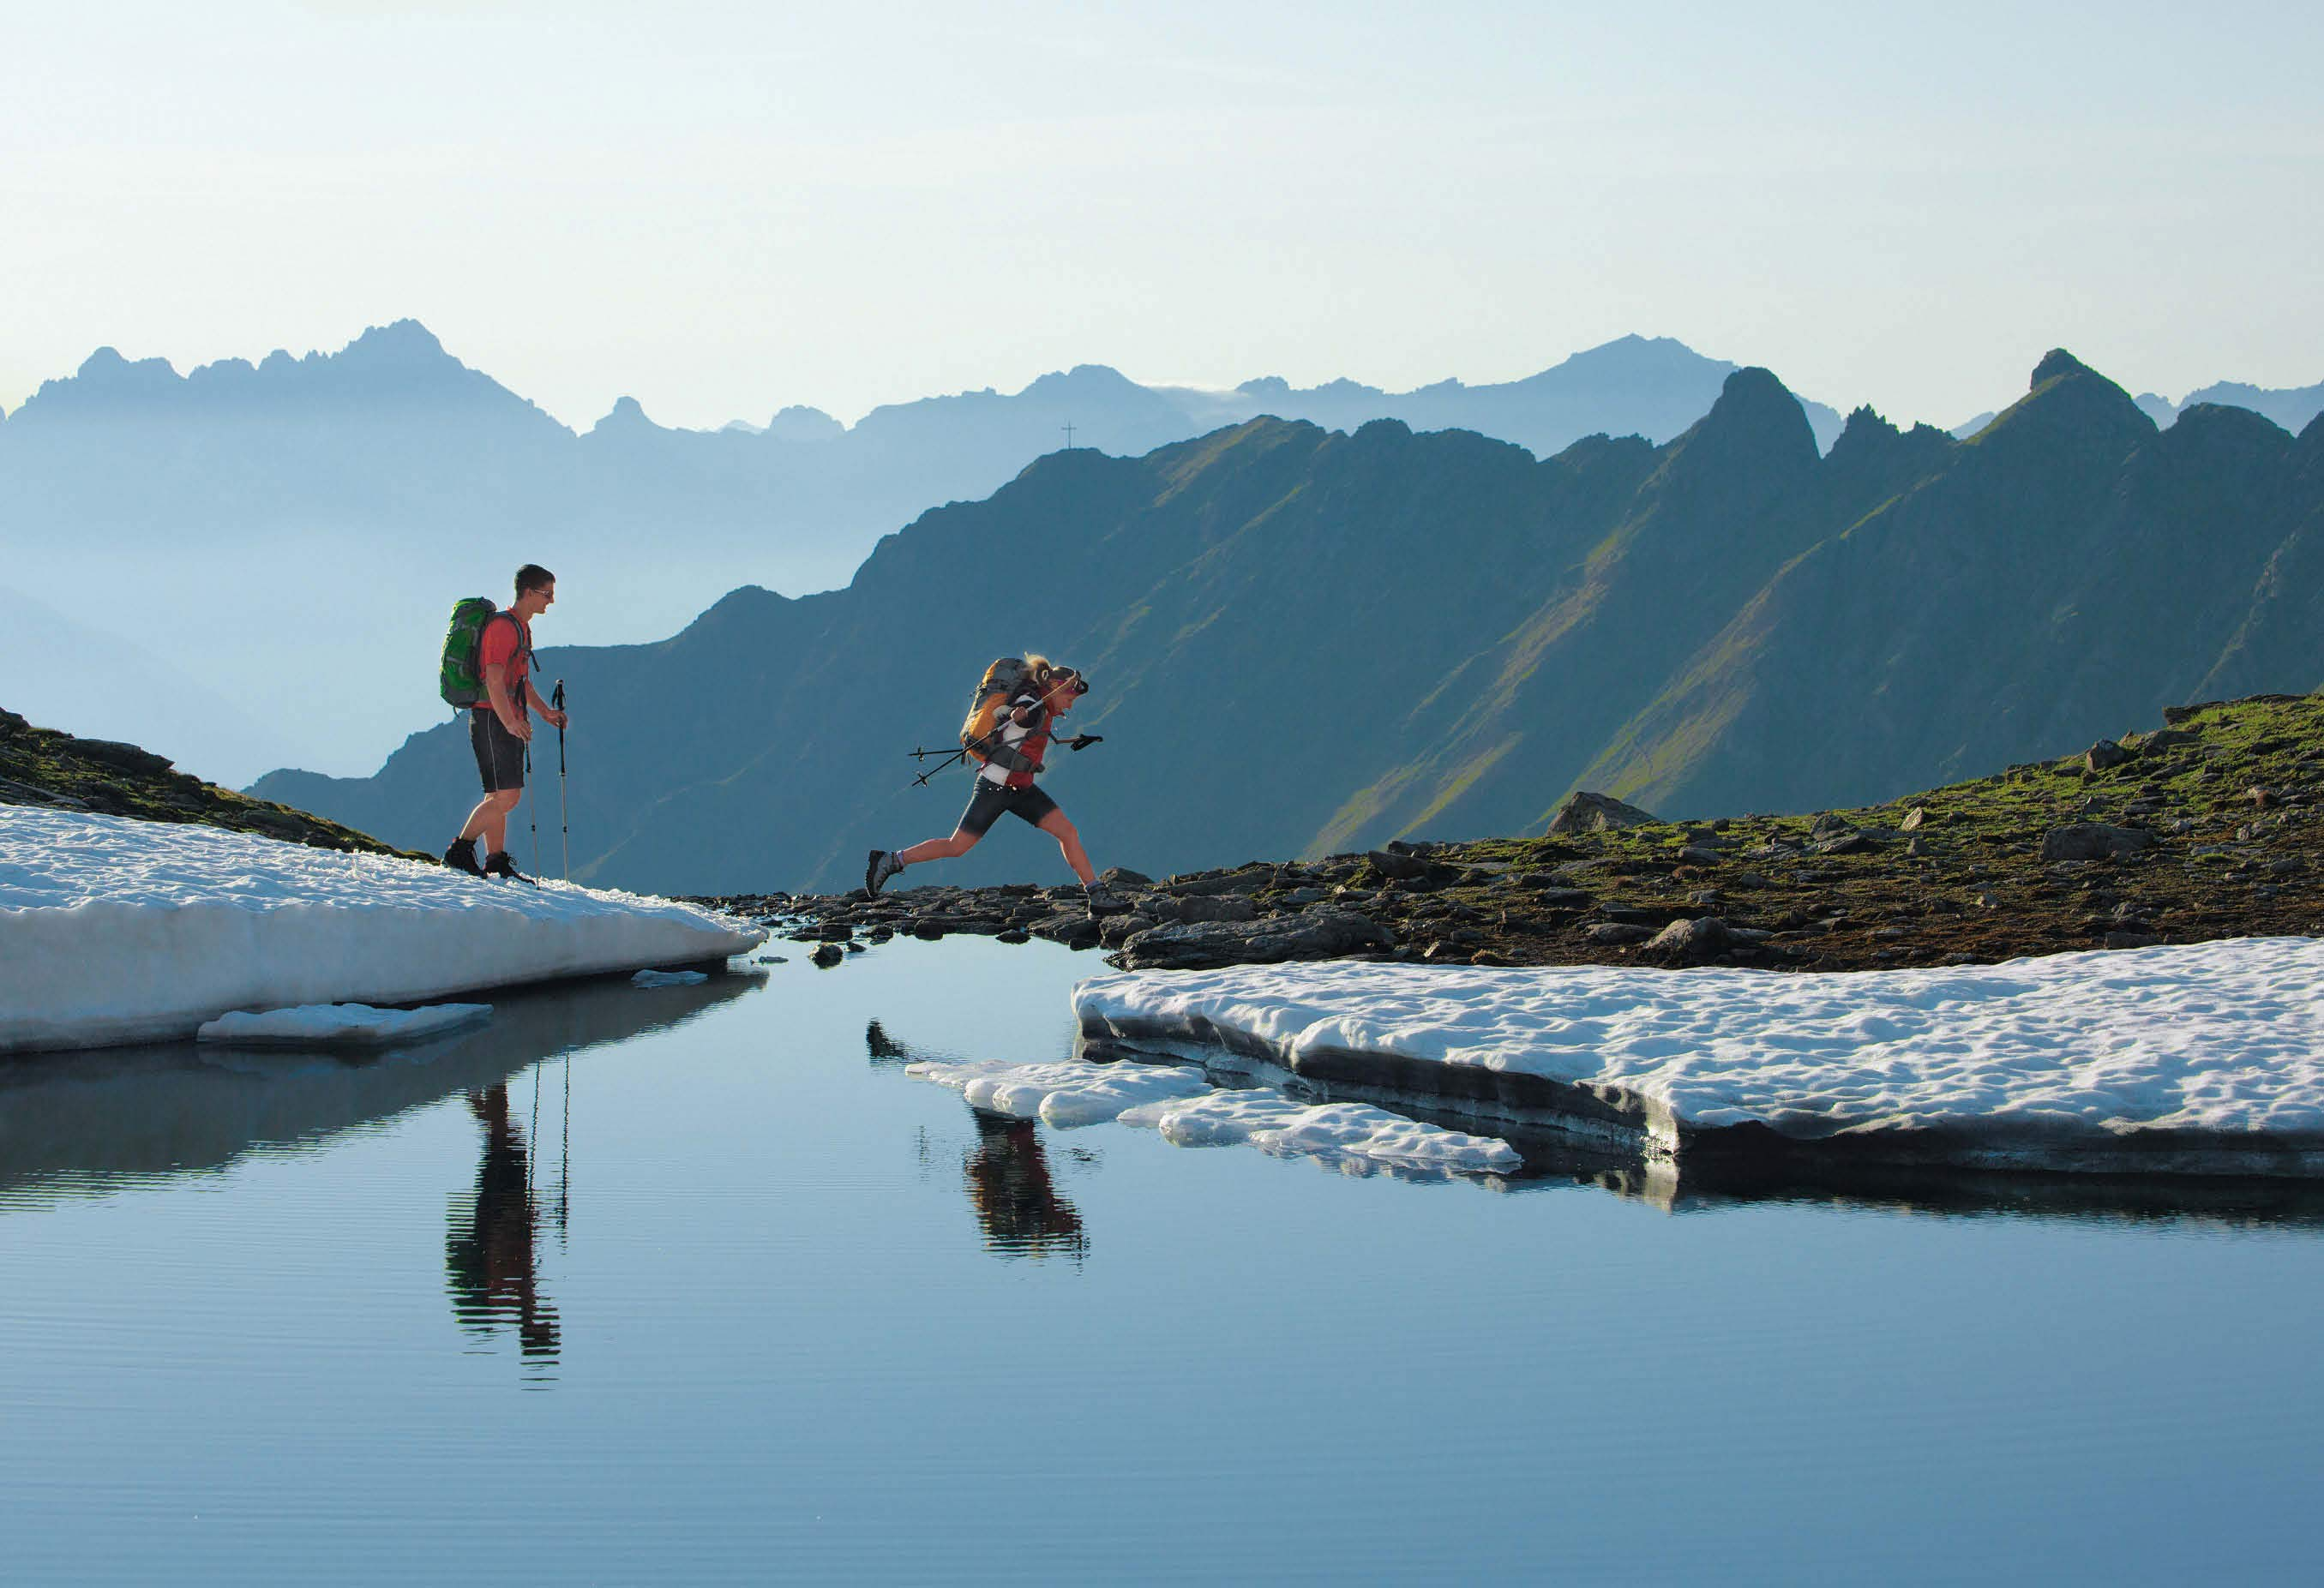 Decathlon Klettergurt Review : Decathlon klettergurt test: test zehn aktuelle klettergurte bei